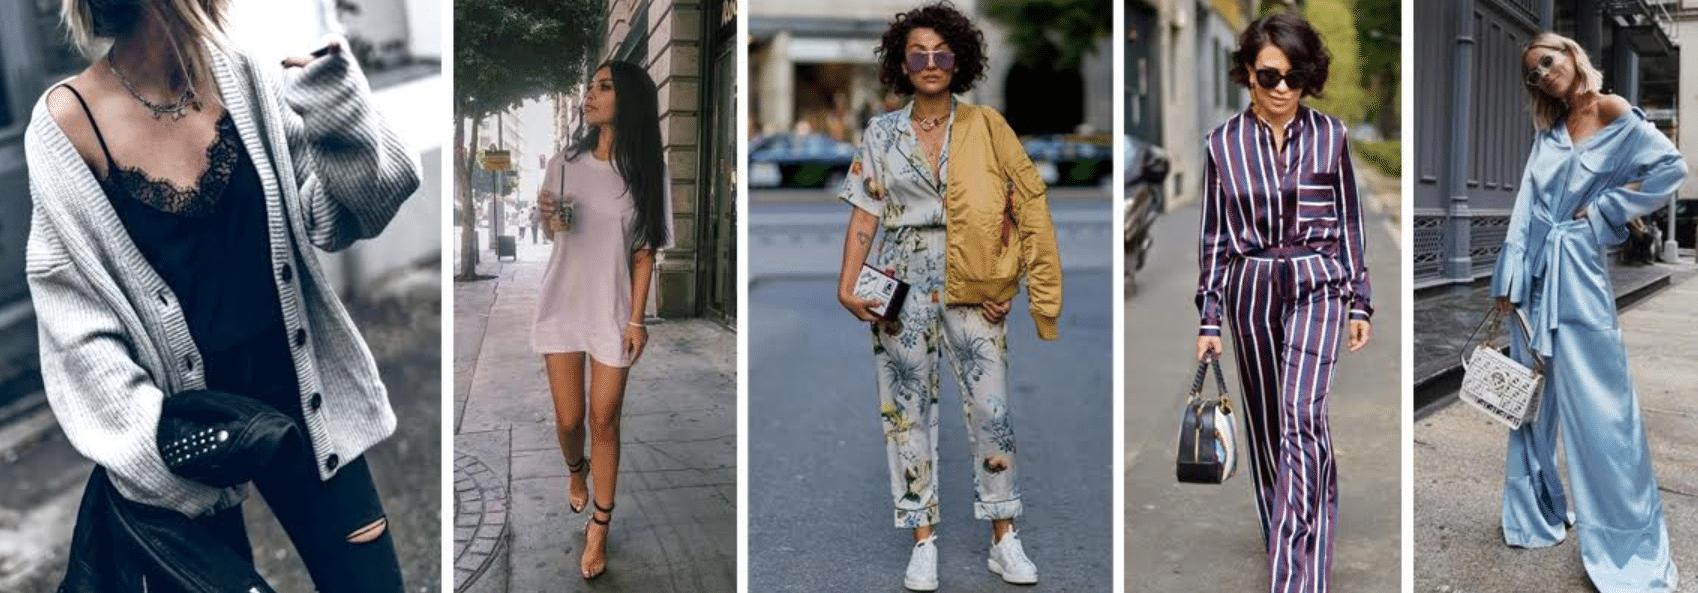 5 fotos de modelos usando modelos de pijamas adequados para usar fora de casa